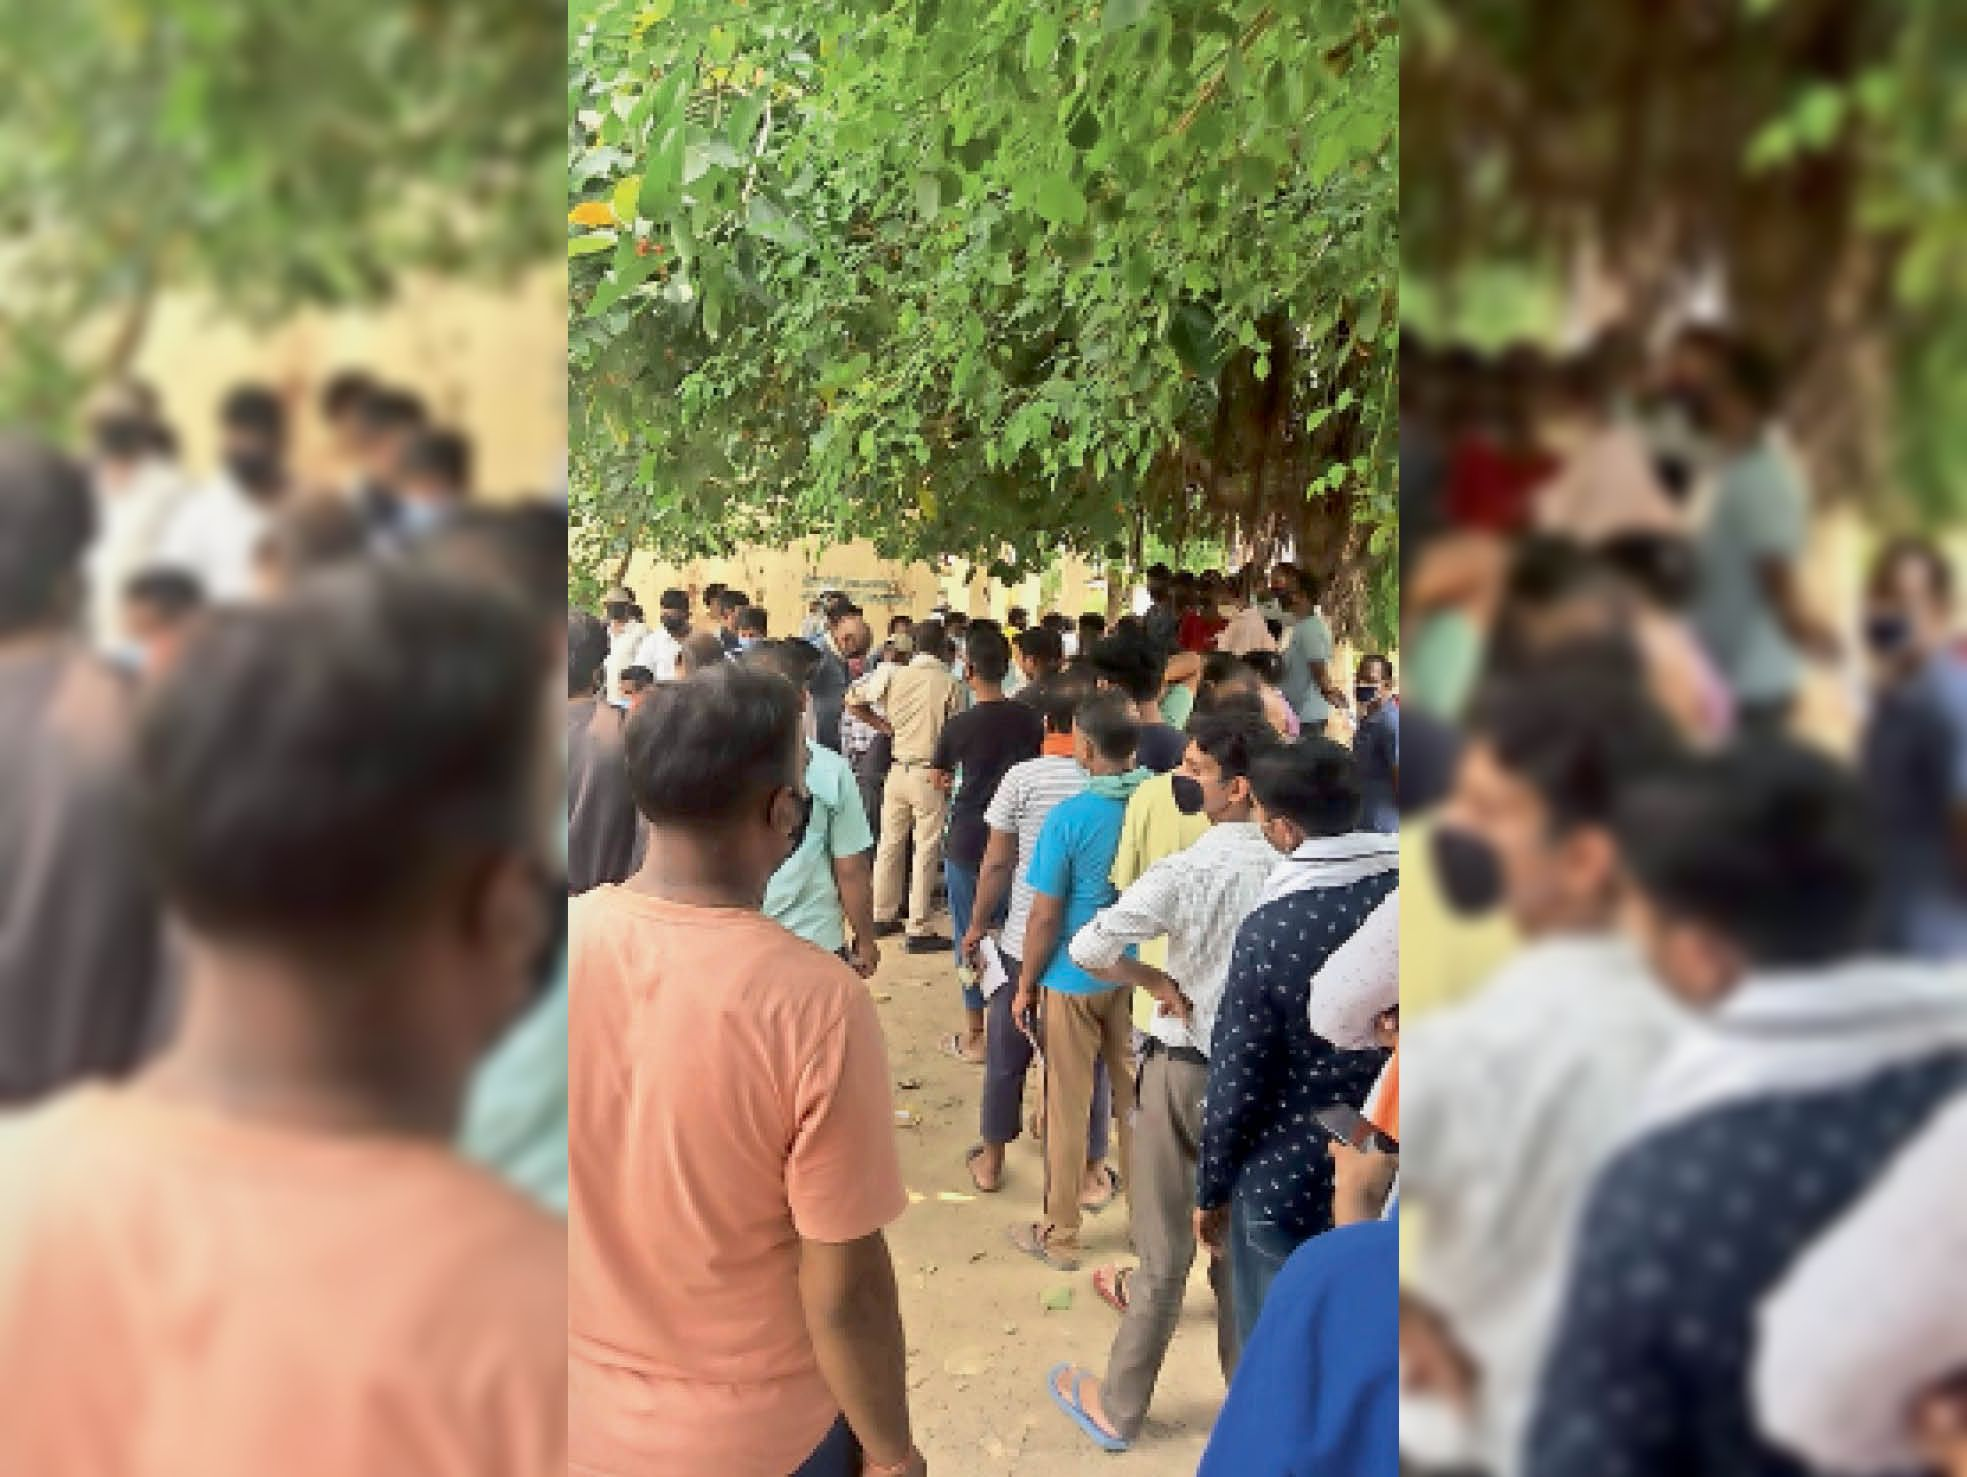 अप्रैल में 16 पॉजिटिव, मई में 77 प्रवासी संक्रमित, जून में आगरा व दिल्ली से संक्रमण लेकर आए व्यापारी व नेता, नतीजा... 682 मरीज|मुरैना,Morena - Dainik Bhaskar